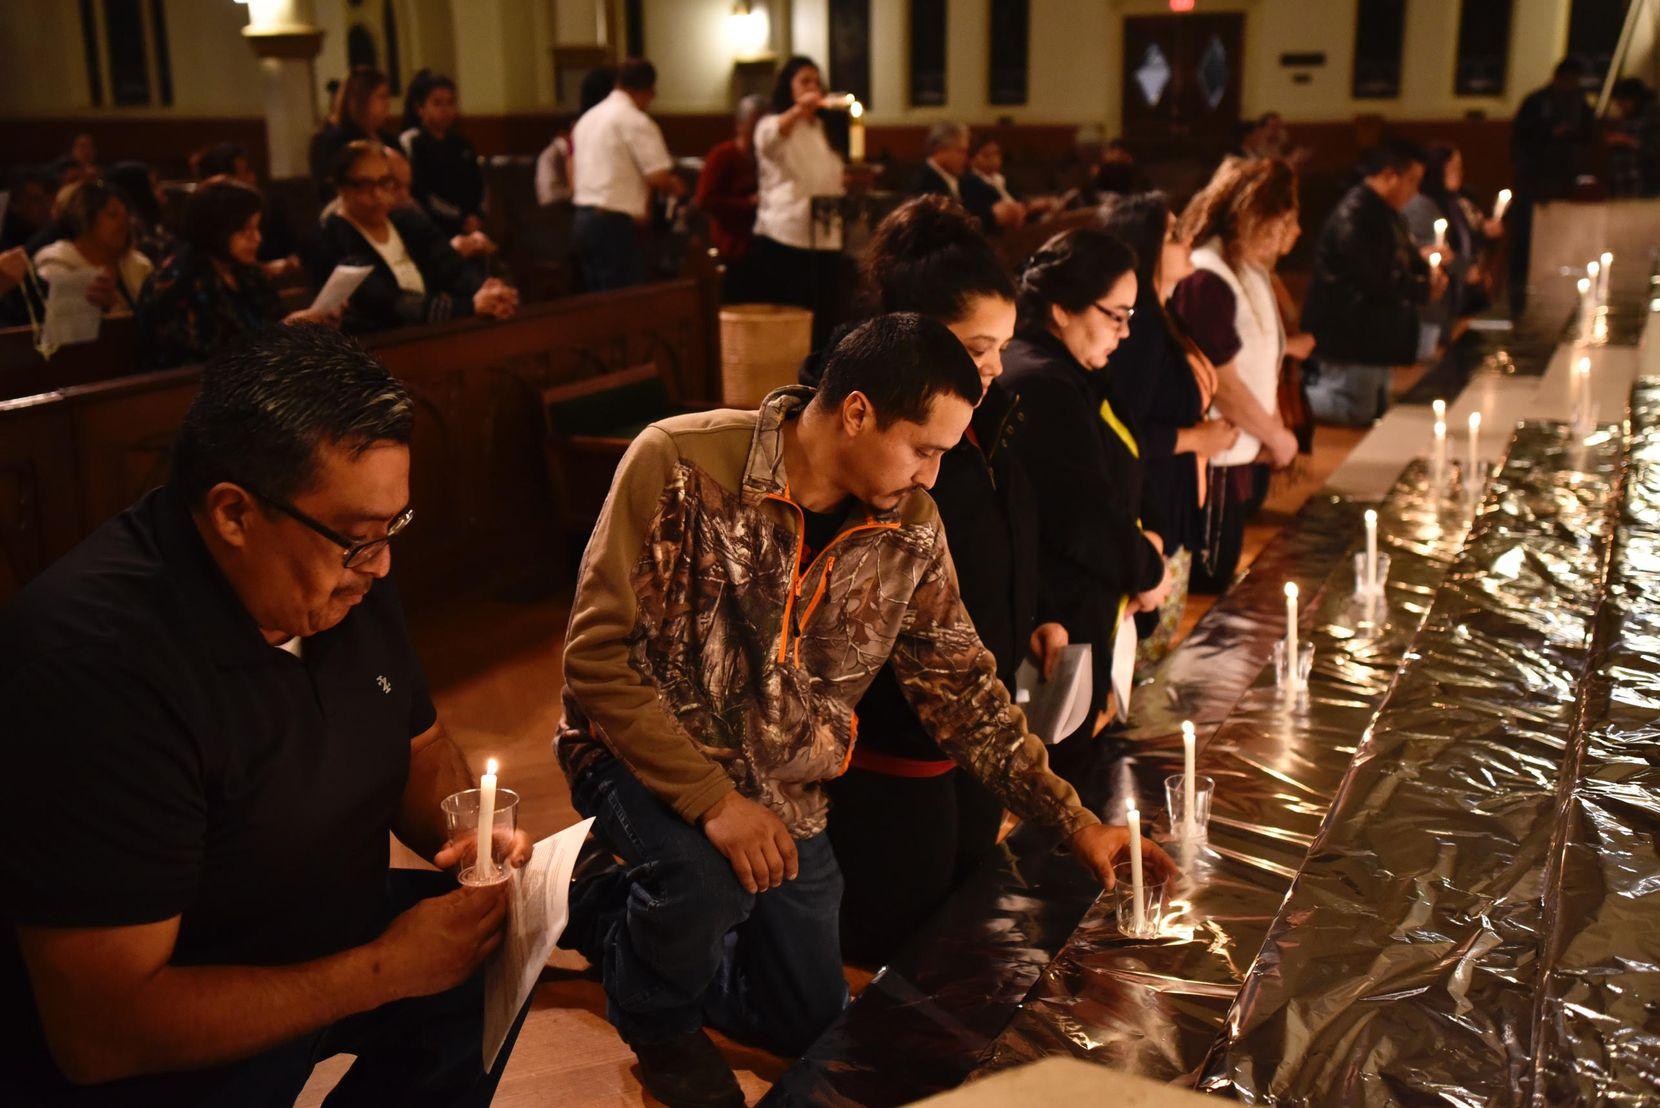 El jueves se desarrolló una misa y vigilia en solidaridad con los migrantes en la Catedral Santuario de Guadalupe en Dallas. BEN TORRES/AL DÍA